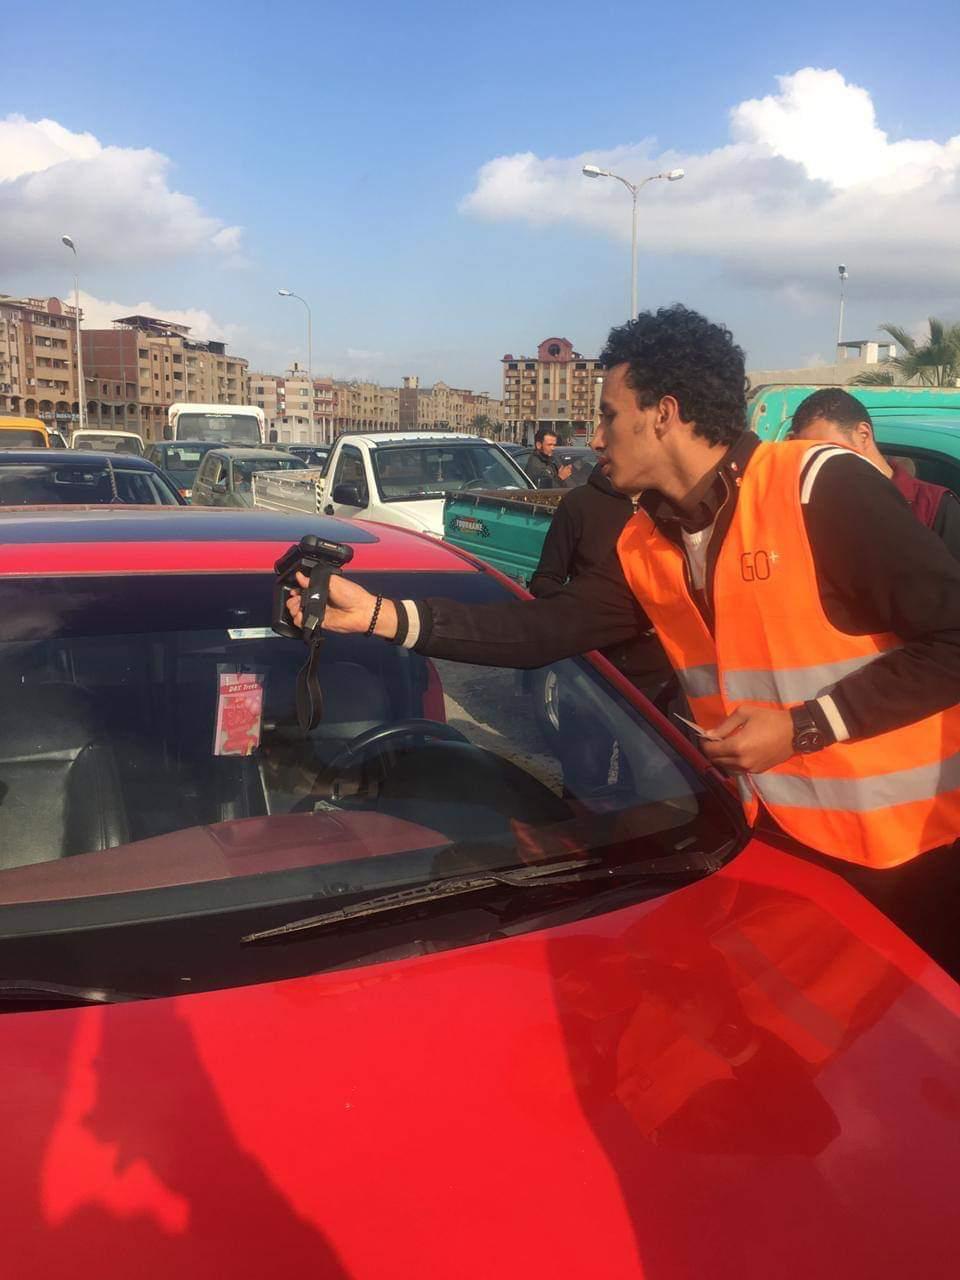 فيديو وصور تعميم الملصق الإلكترونى بوحدات المرور يحمى